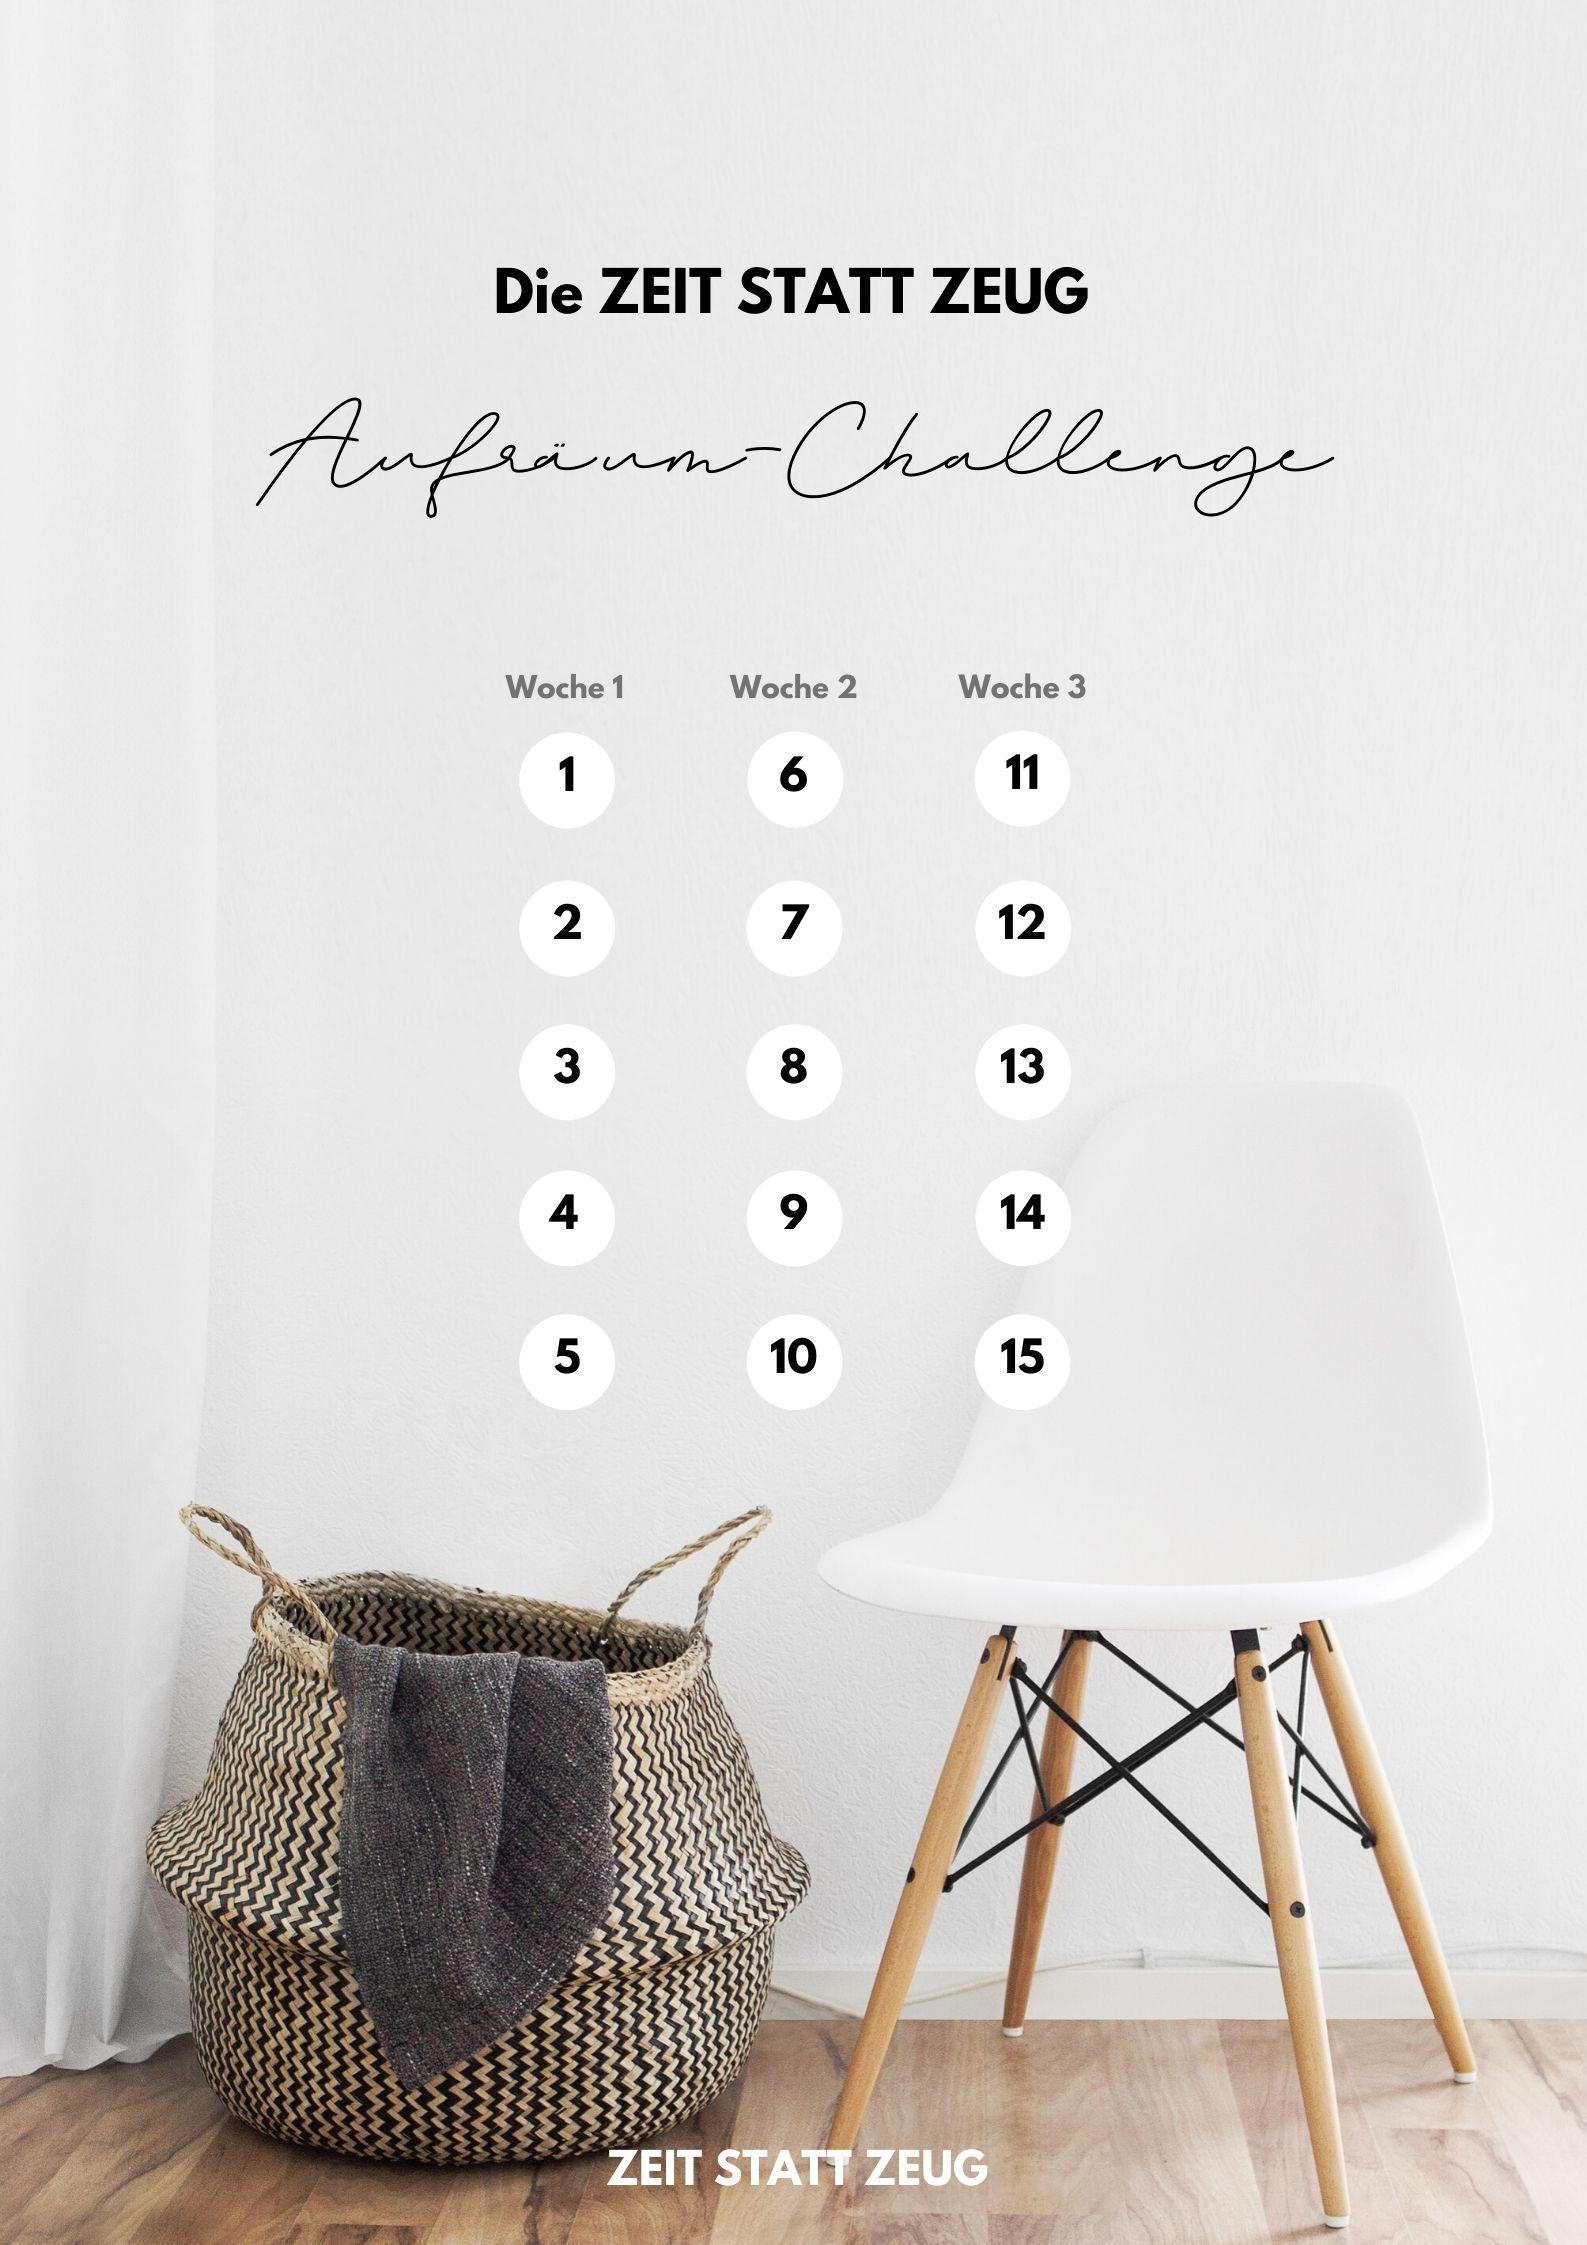 Aufräum-Challenge_2020